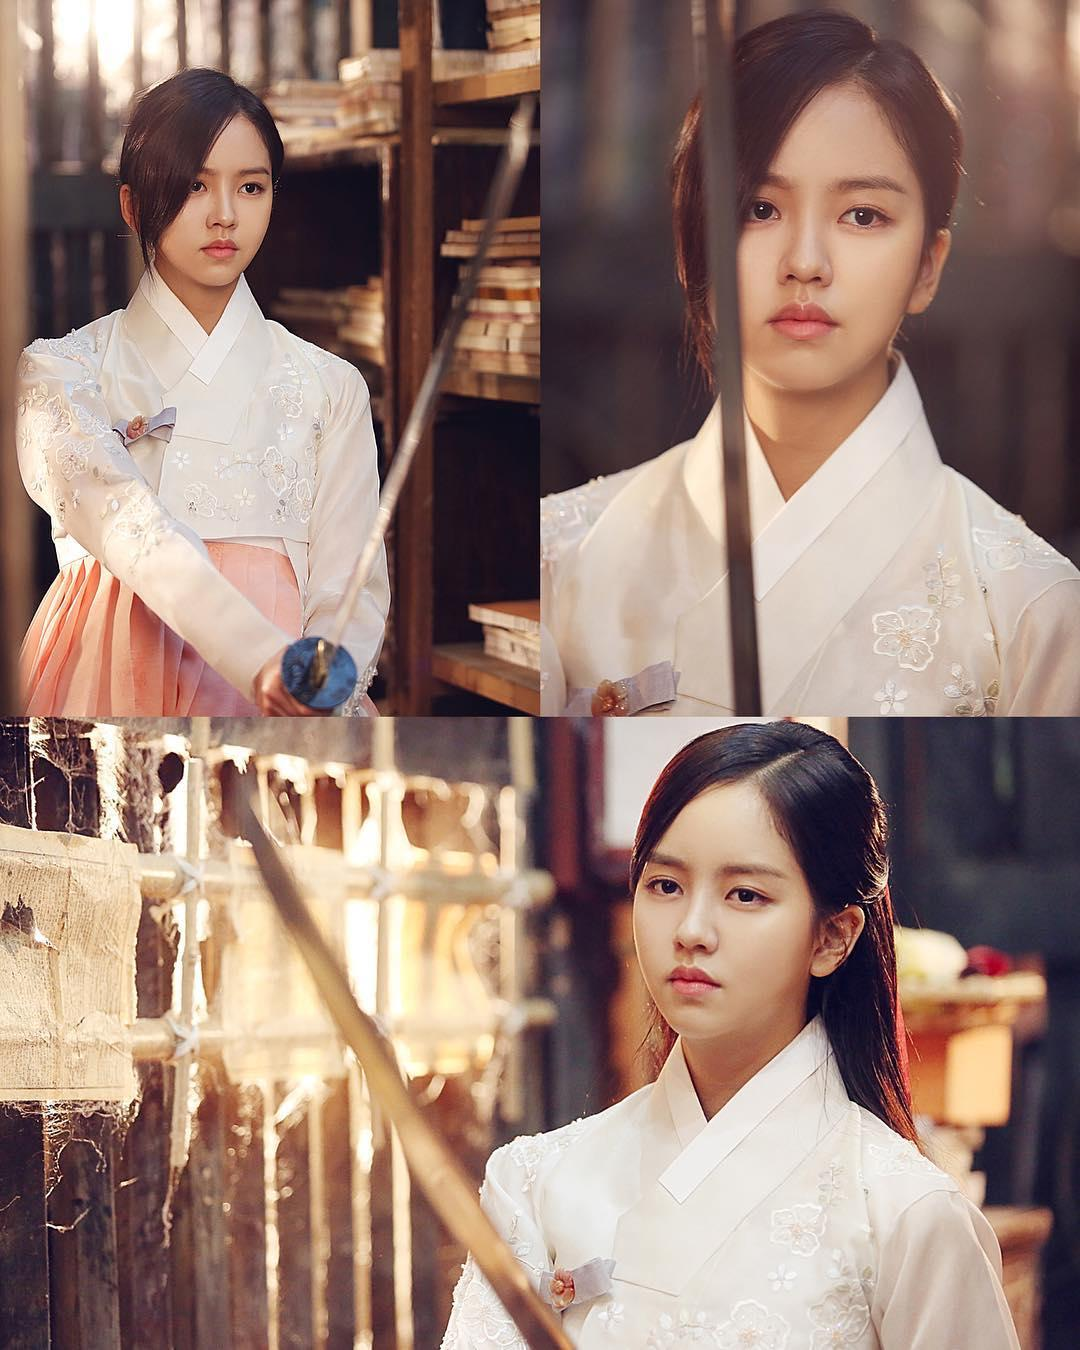 2 báu vật điện ảnh Hàn Kim Yoo Jung - Kim So Hyun: kẻ tám lạng người nửa cân-15